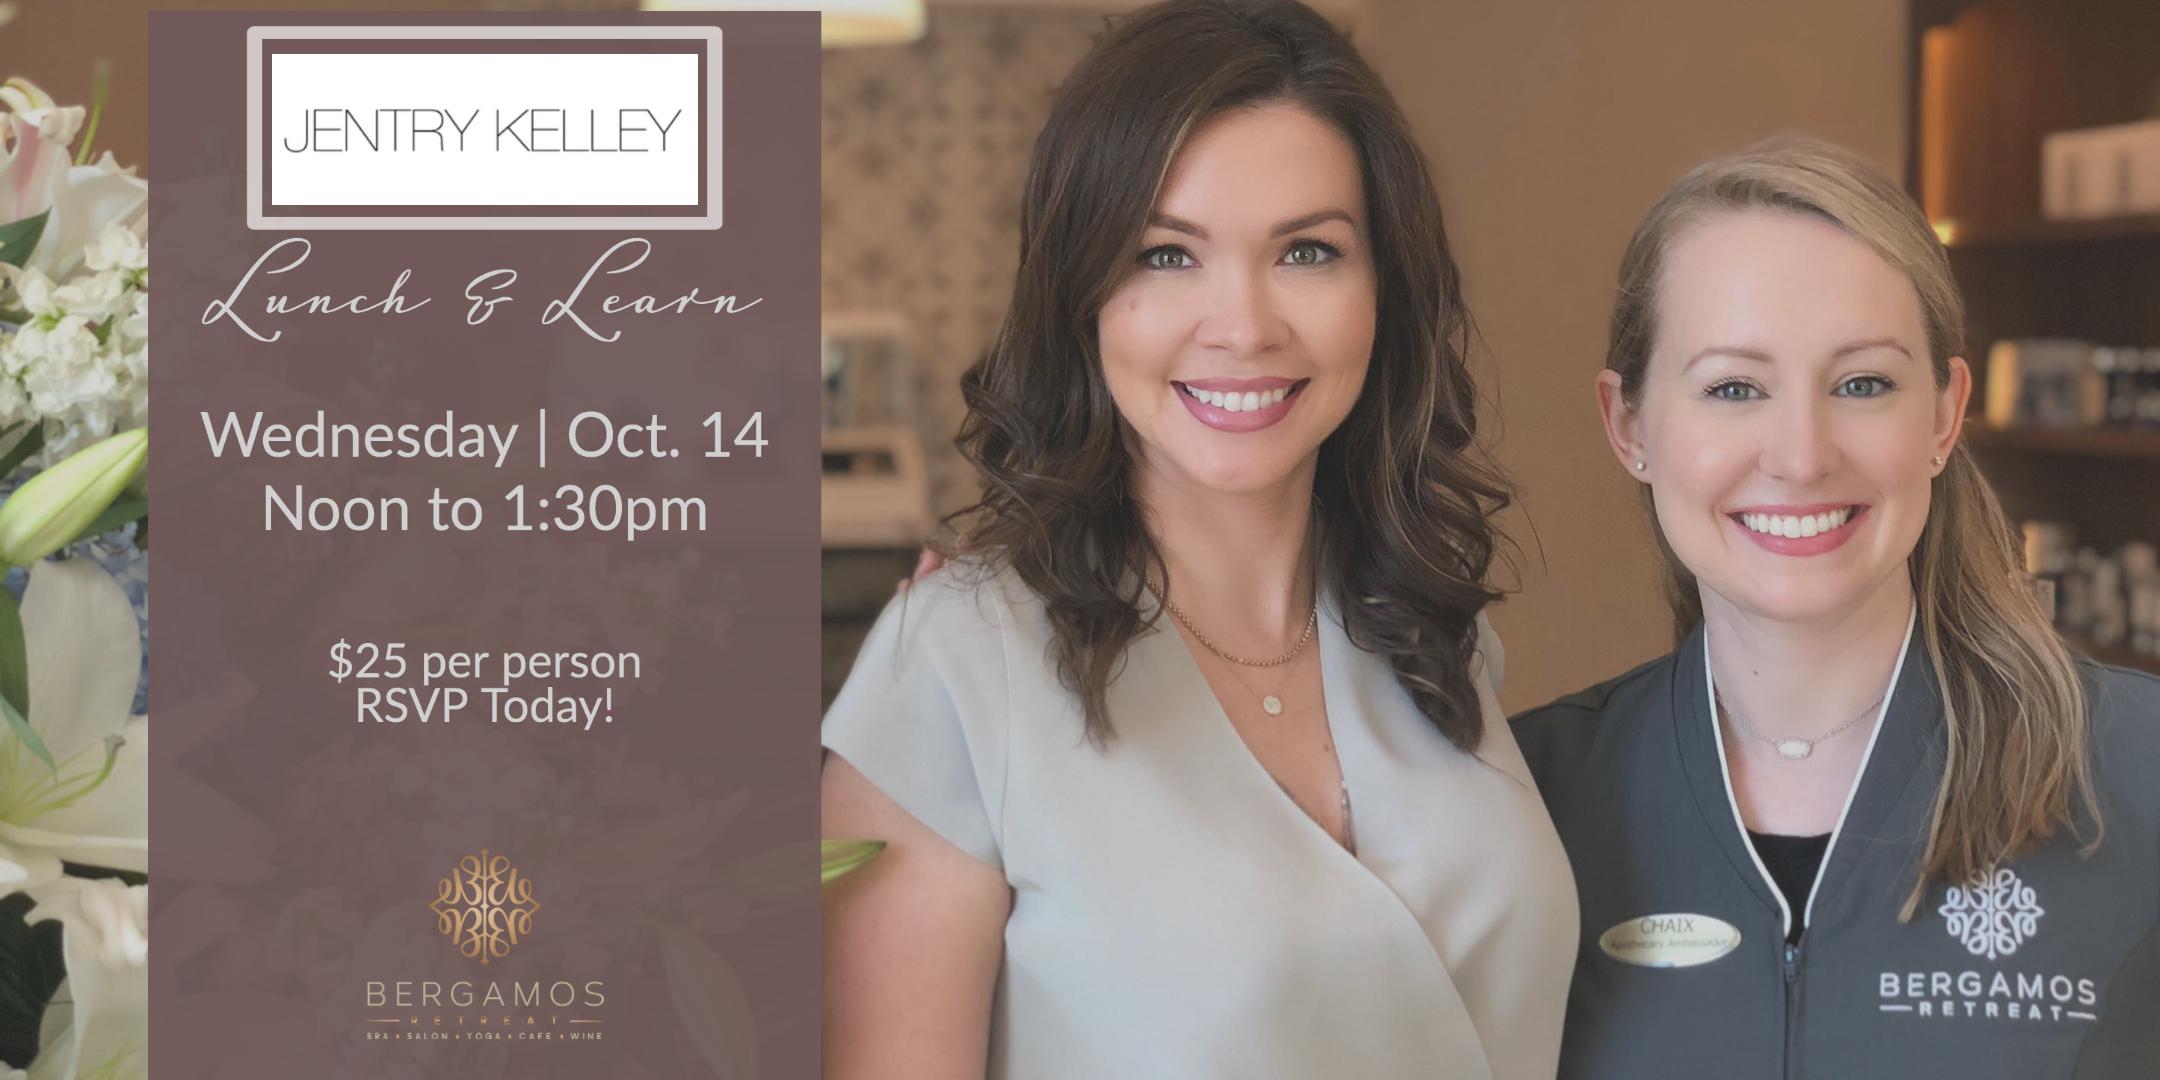 Jentry Kelley Cosmetics Lunch & Learn